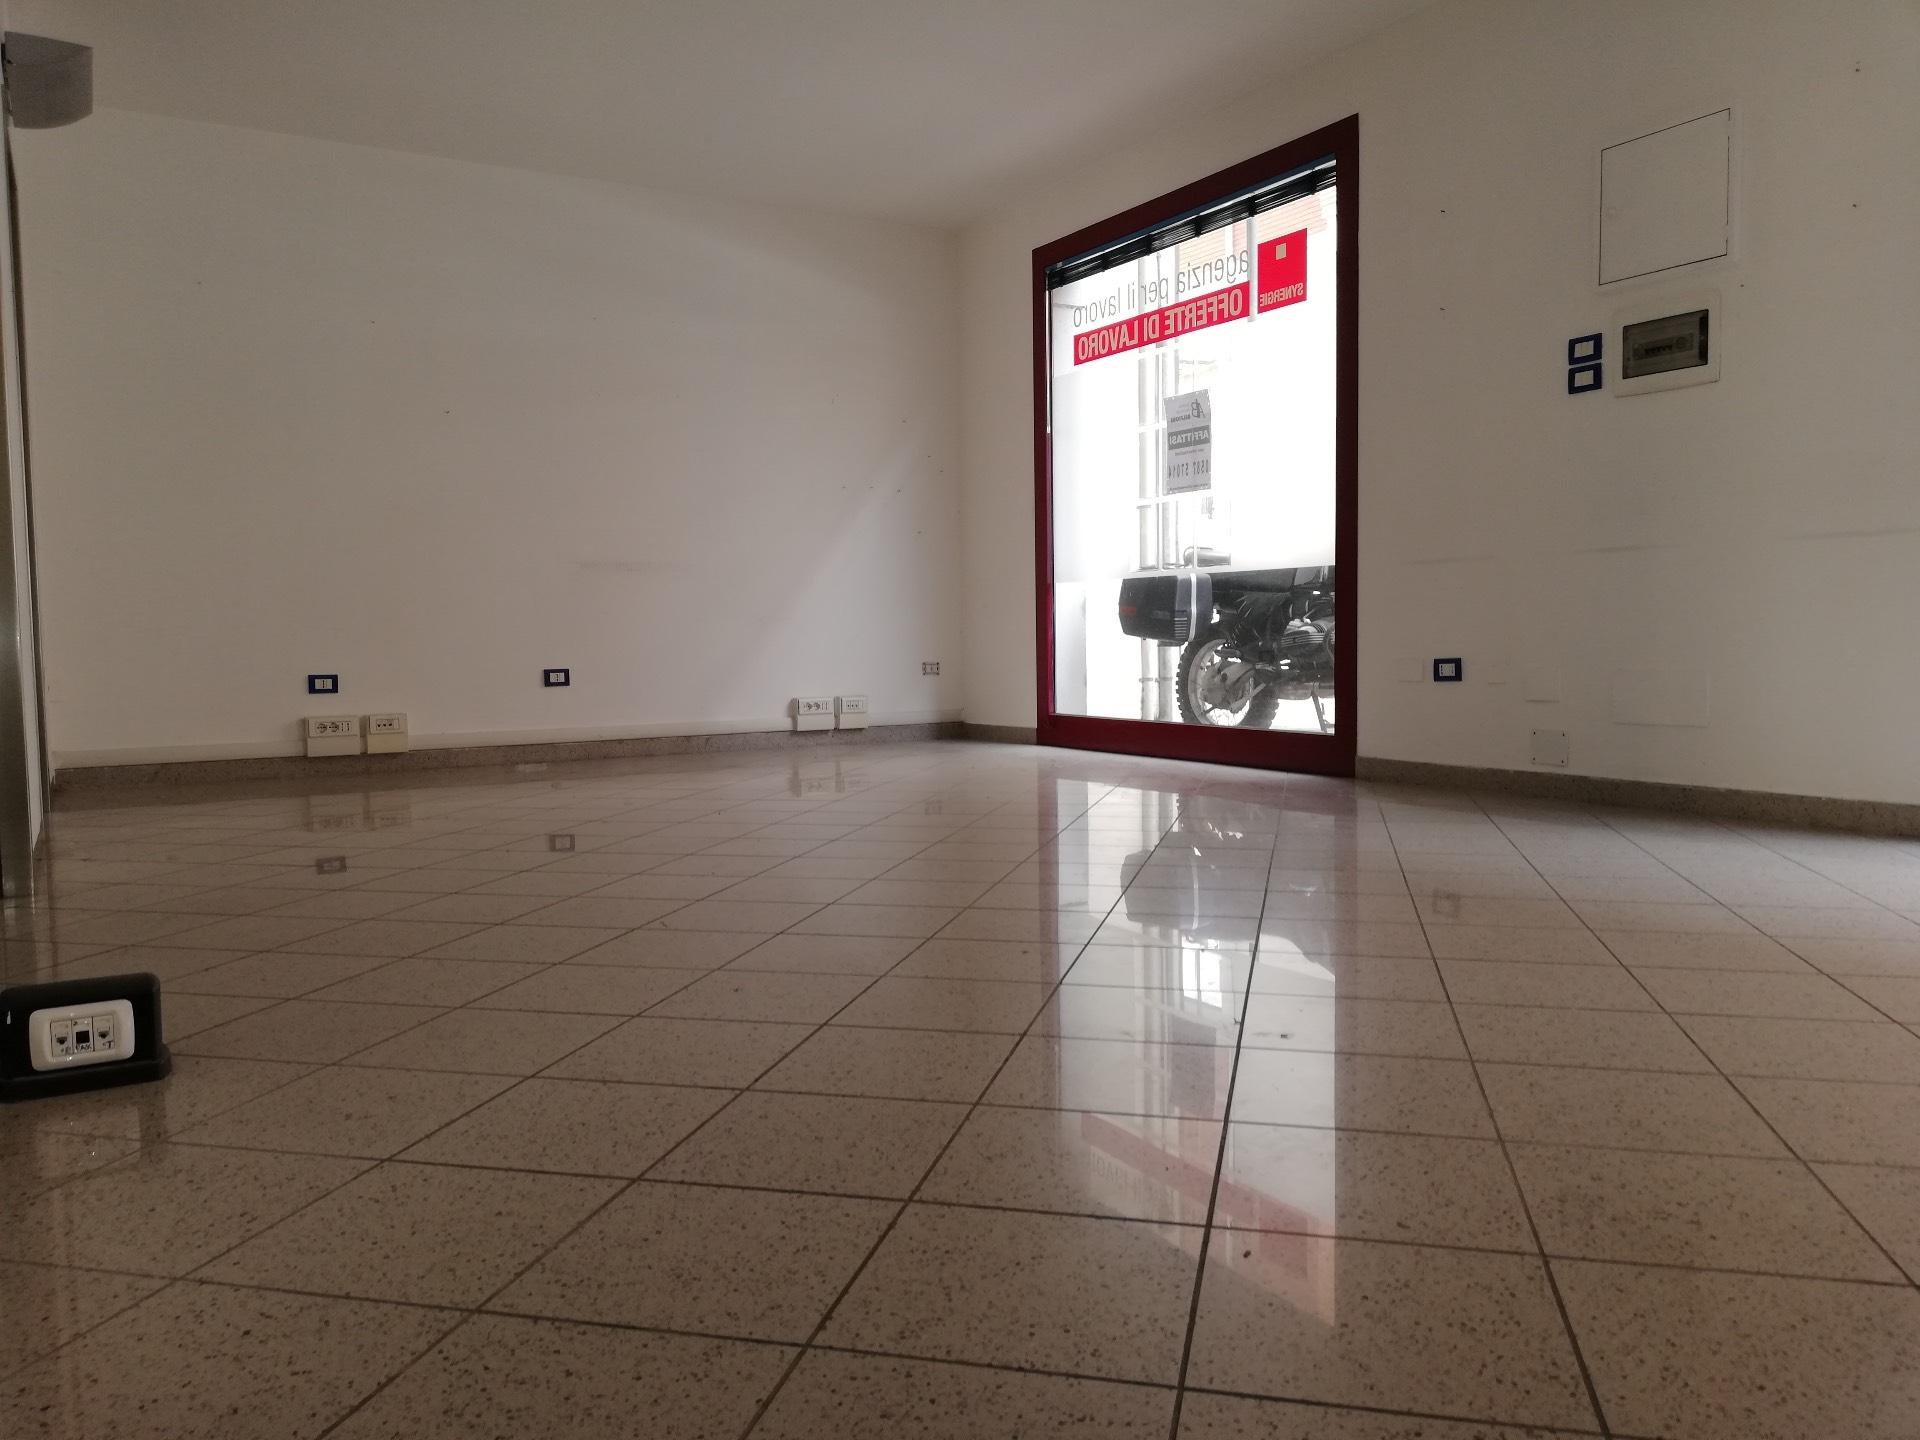 Negozio / Locale in affitto a Pontedera, 9999 locali, zona Località: Centro, prezzo € 700 | CambioCasa.it